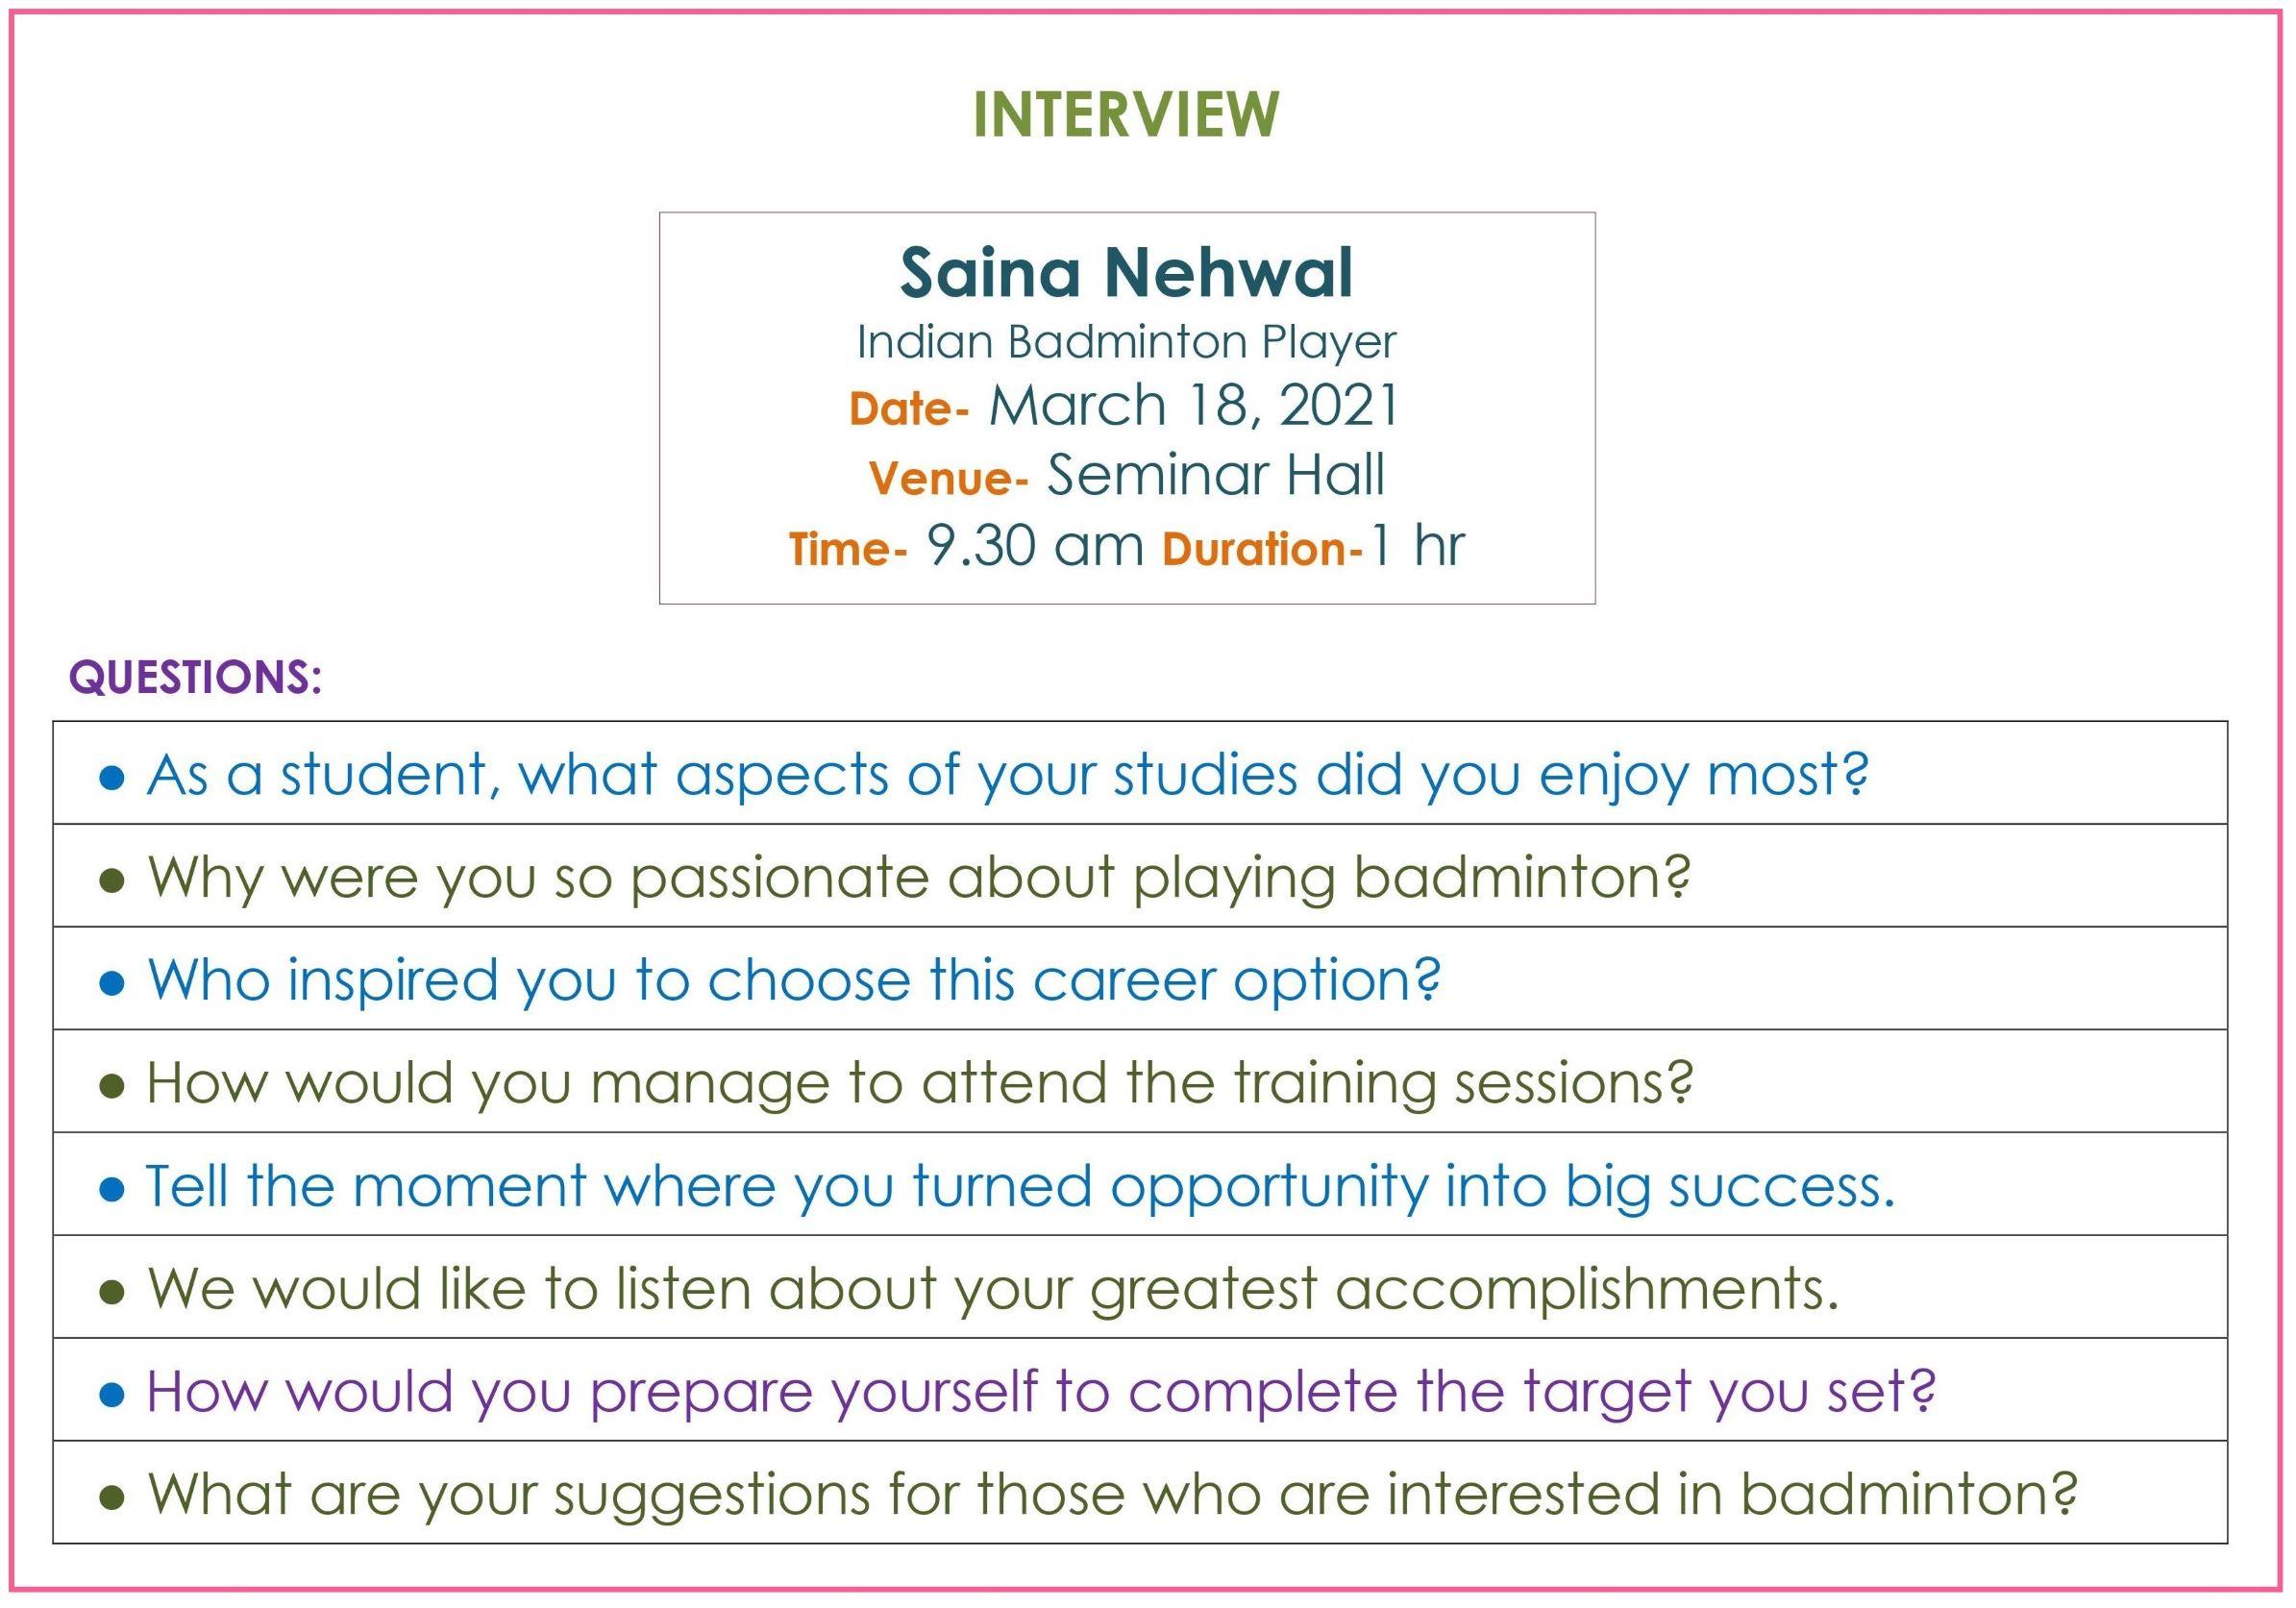 Taking_Interiew_Saina_Nehwal_